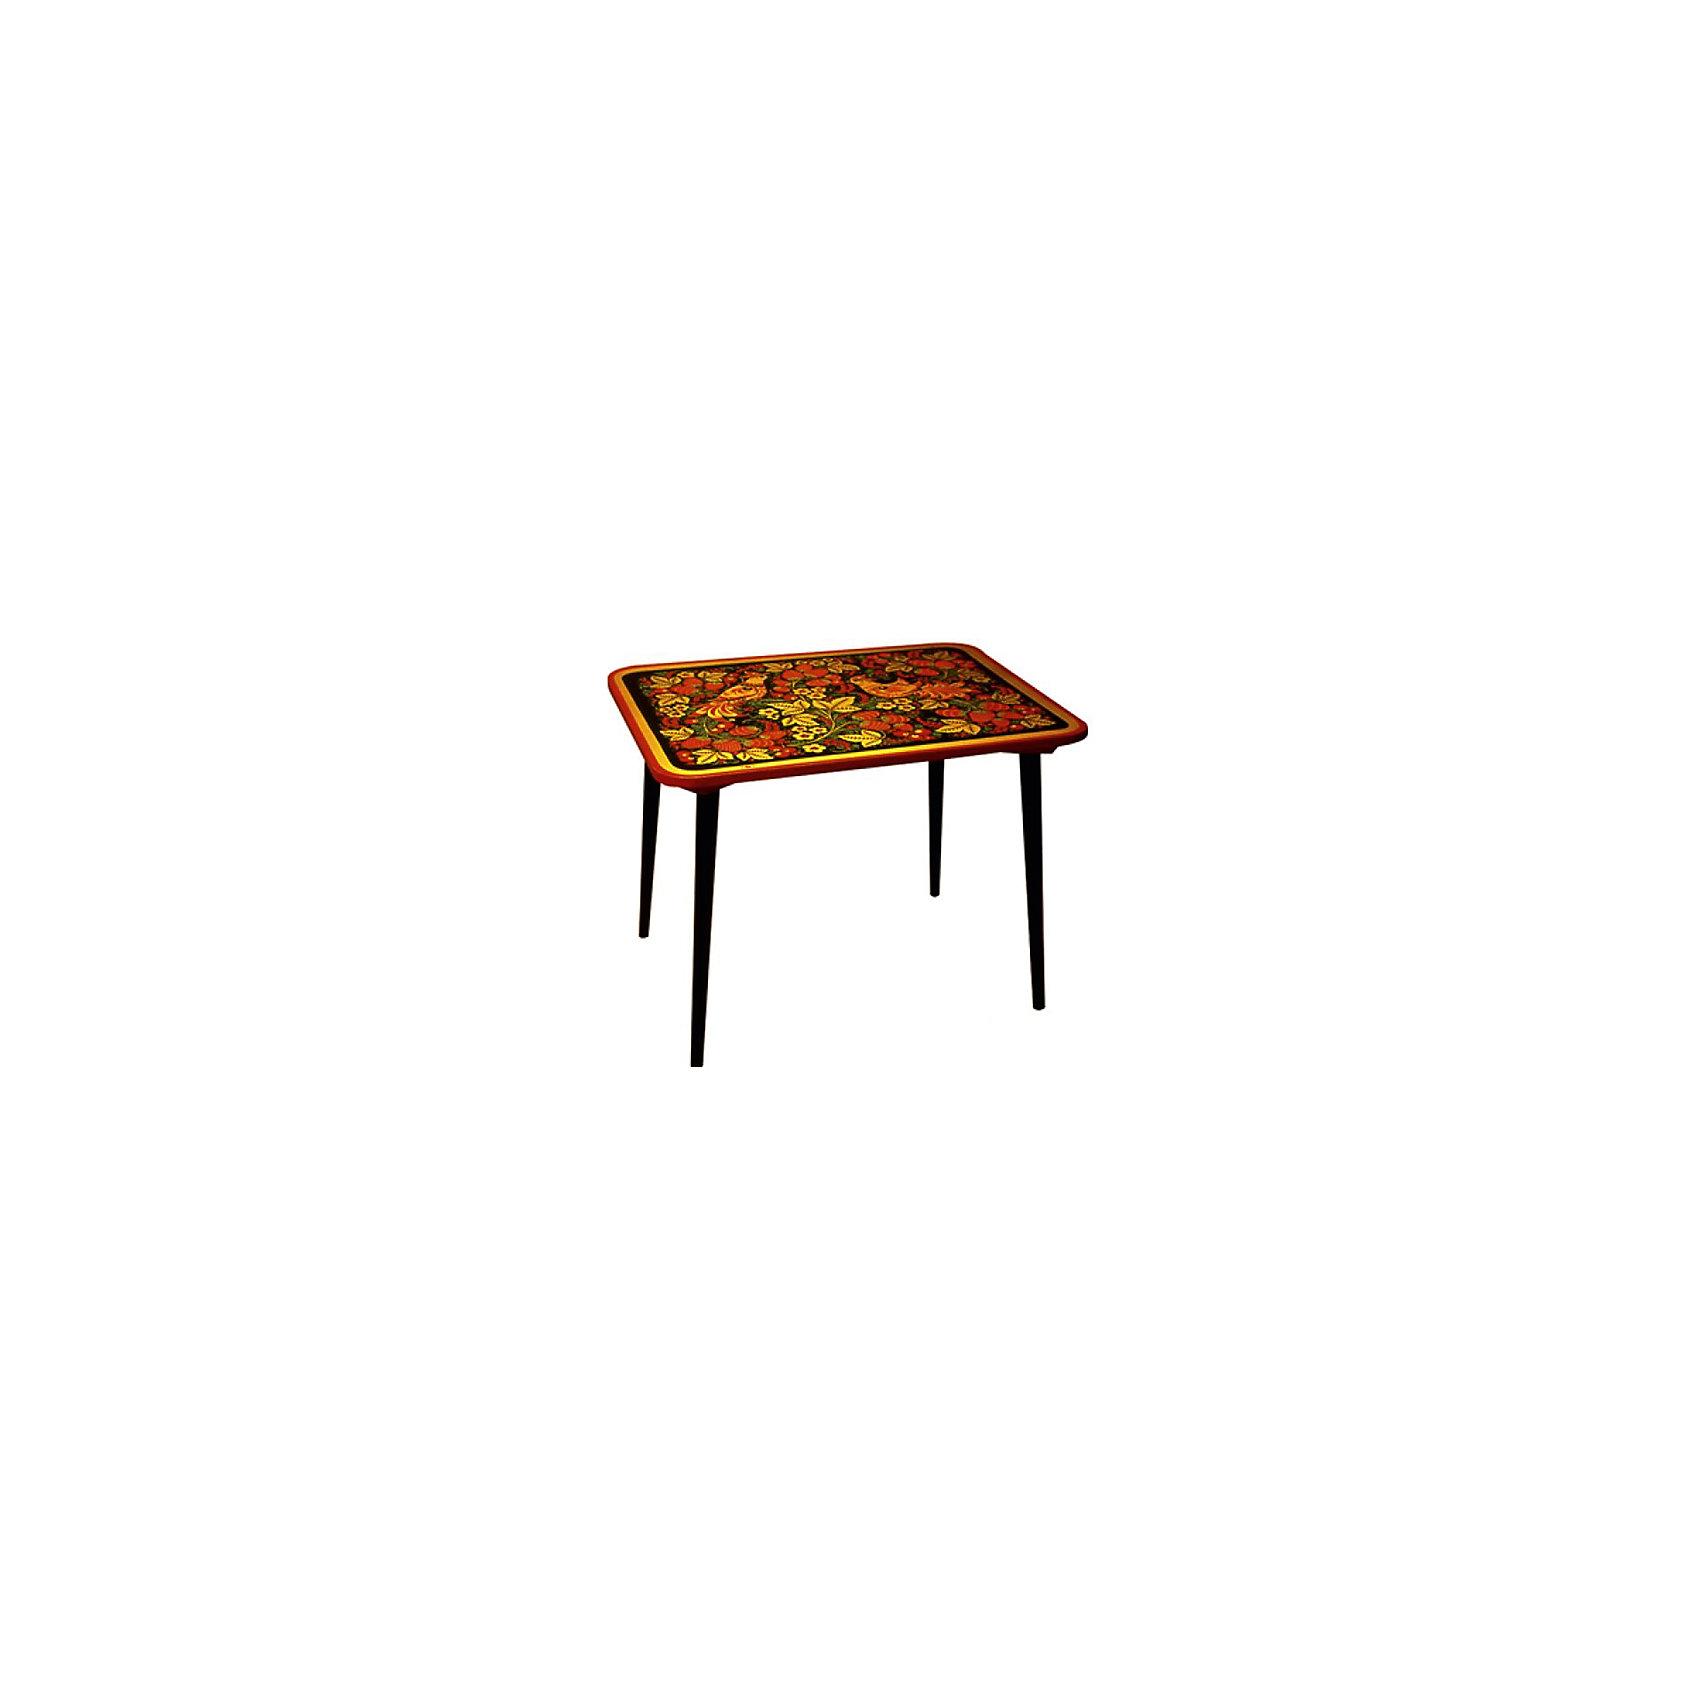 Стол ДетствоМебель<br>Красочный  столик со сказочными рисунками выполнен из массива. Его поверхность пропитана варёным льняным маслом и покрыта алюминиевым порошком и росписью. На поверхность стола также нанесены несколько слоев лака. Столик очень прочный и устойчивый, покрытие закалено при особом температурном режиме и не будет отслаиваться или облупливаться при частой влажной уборке.<br><br>Дополнительная информация:<br><br>- Возраст: от 6 мес.<br>- Материал: дерево.<br>- Цвет: орнамент - Хохломская роспись детство. <br>- Параметры стола: 60х45х46 см.<br> <br><br>Детский столик Детство можно купить в нашем магазине.<br><br>Ширина мм: 600<br>Глубина мм: 450<br>Высота мм: 460<br>Вес г: 7000<br>Возраст от месяцев: 36<br>Возраст до месяцев: 108<br>Пол: Унисекс<br>Возраст: Детский<br>SKU: 4718376